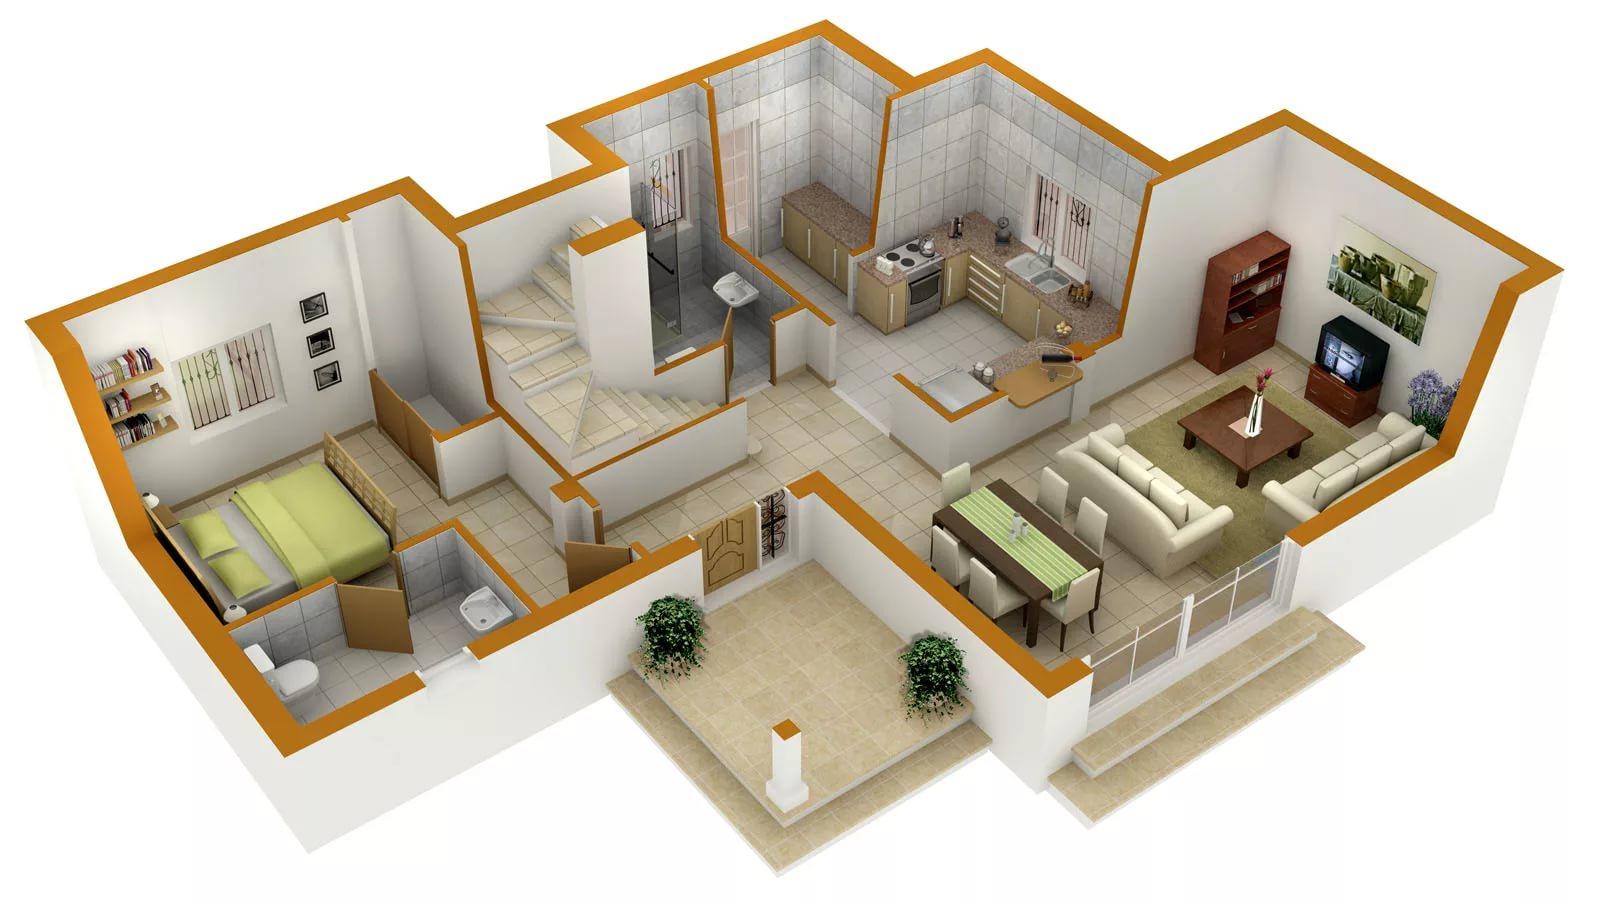 Вариант современного дизайна квартиры-студии в 3d модели